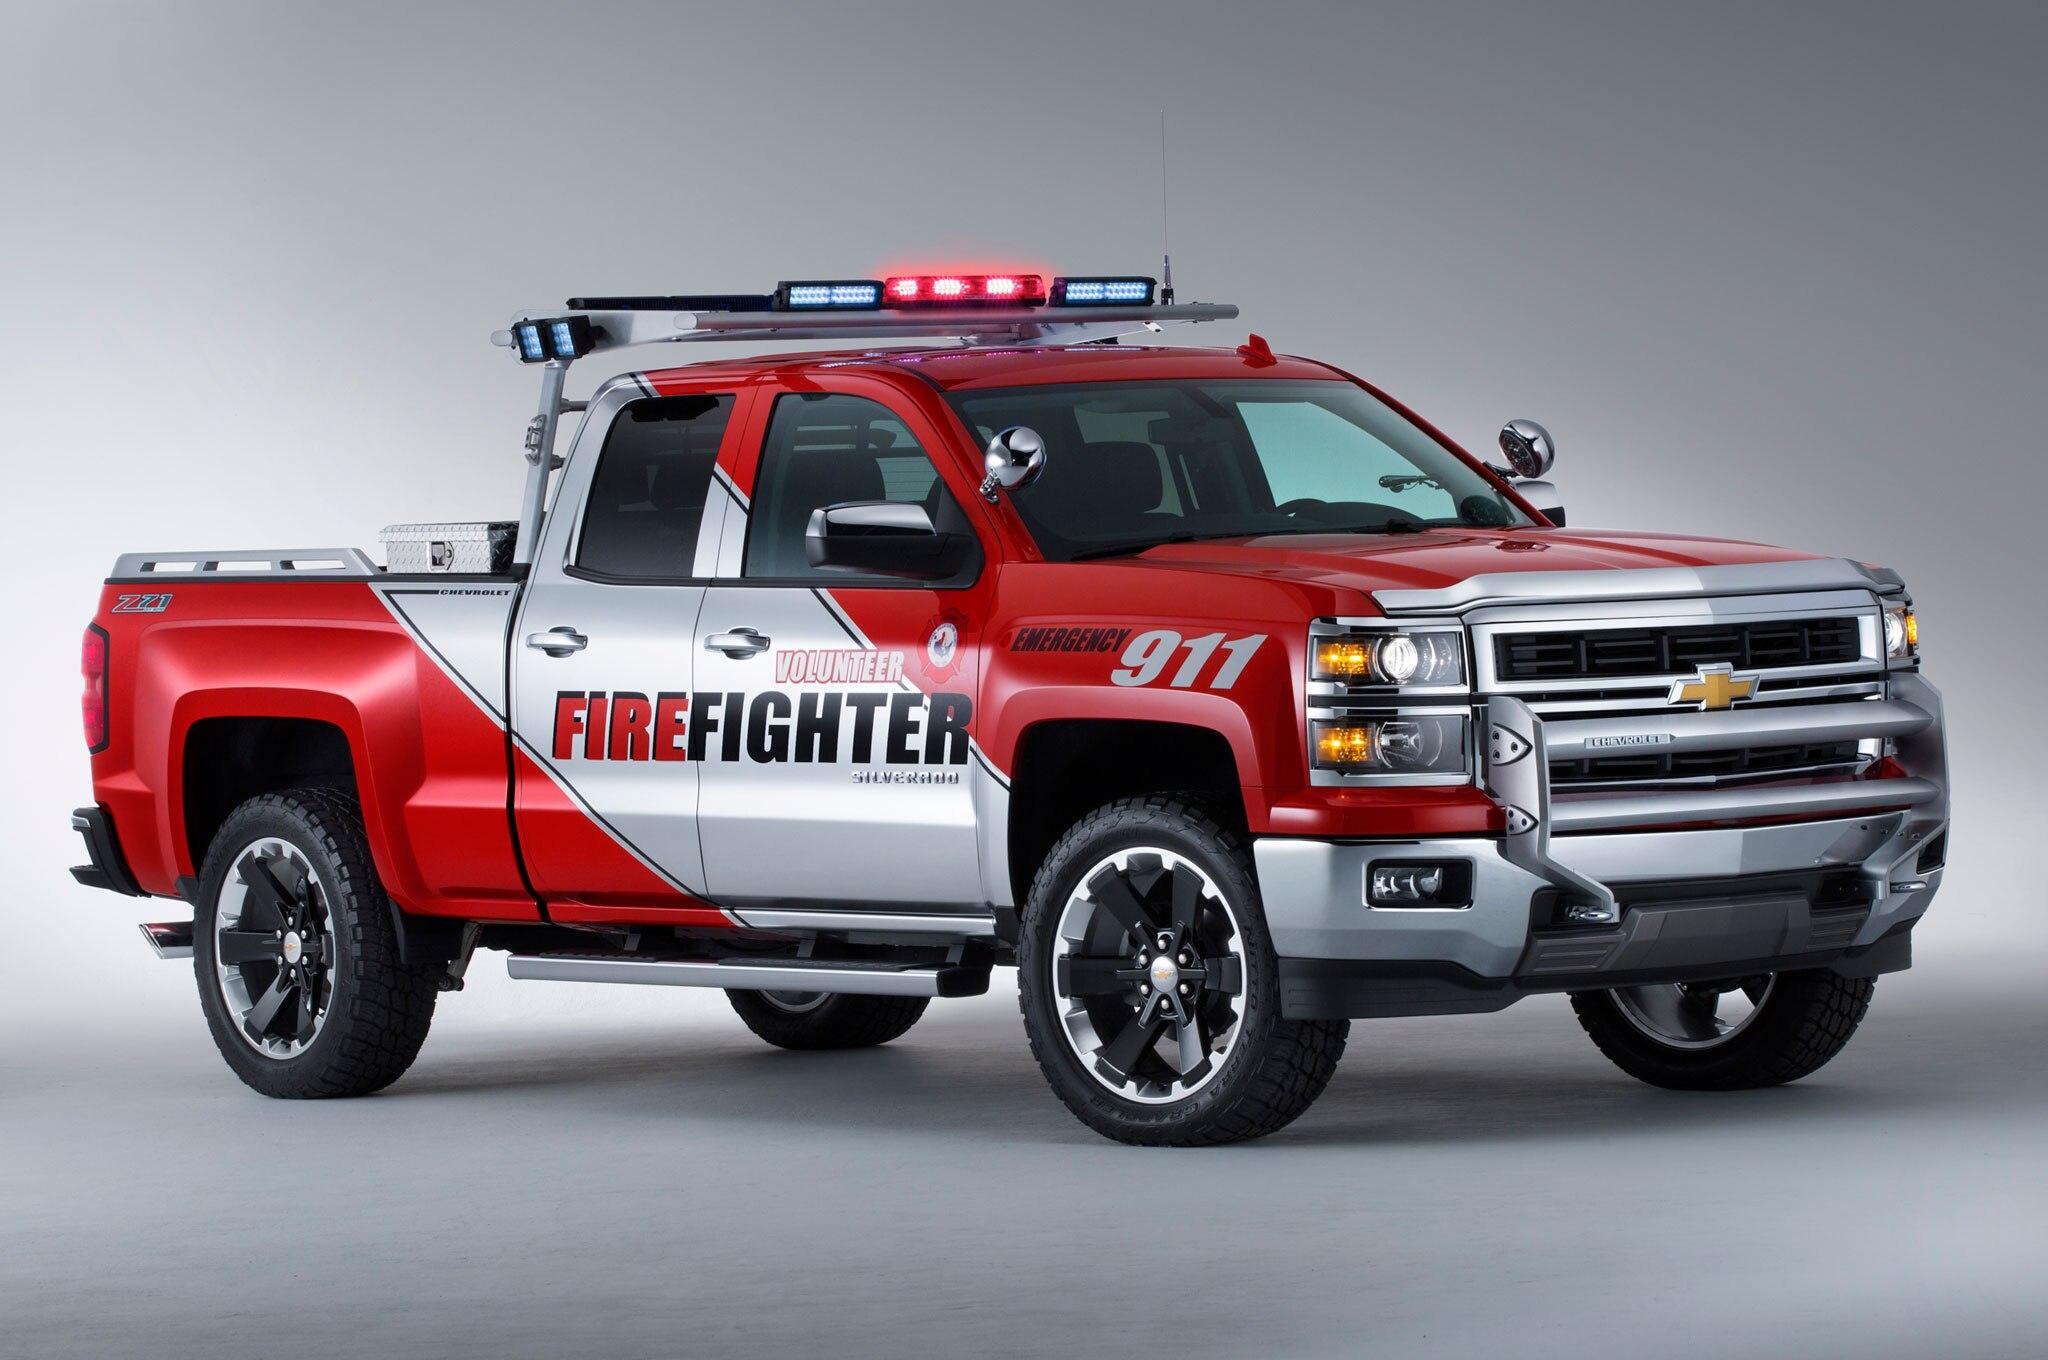 2013 Chevrolet Silverado Z71 Volunteer Firefighter SEMA Concept Truck Right Side1